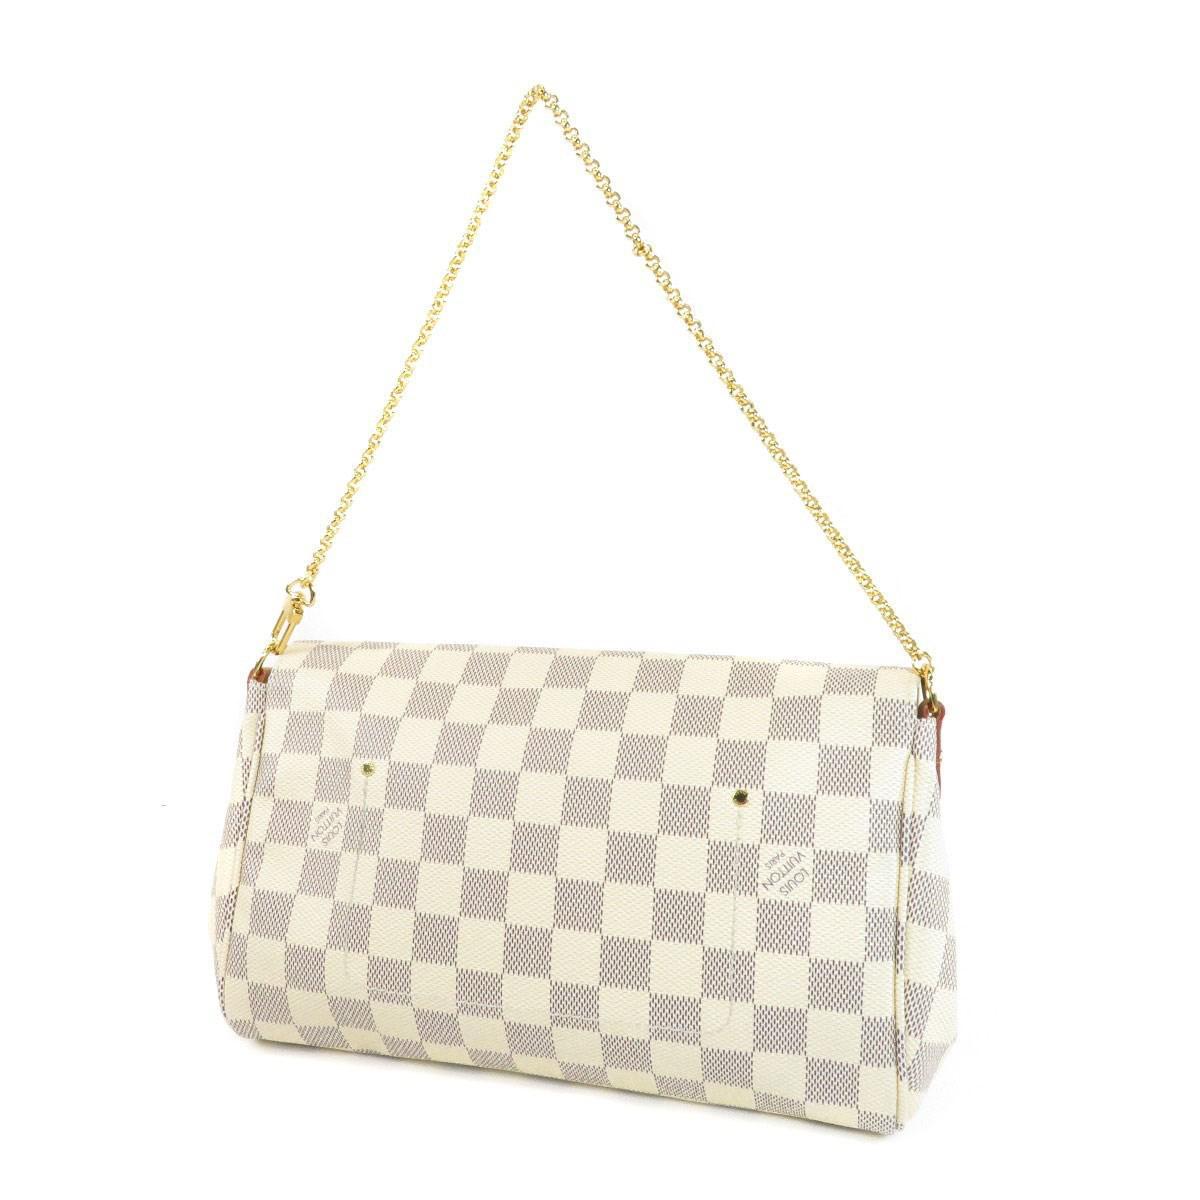 Lyst - Louis Vuitton Damier Canvas Shoulder Bag N41275 Favorite Mm ... bbb020be10061